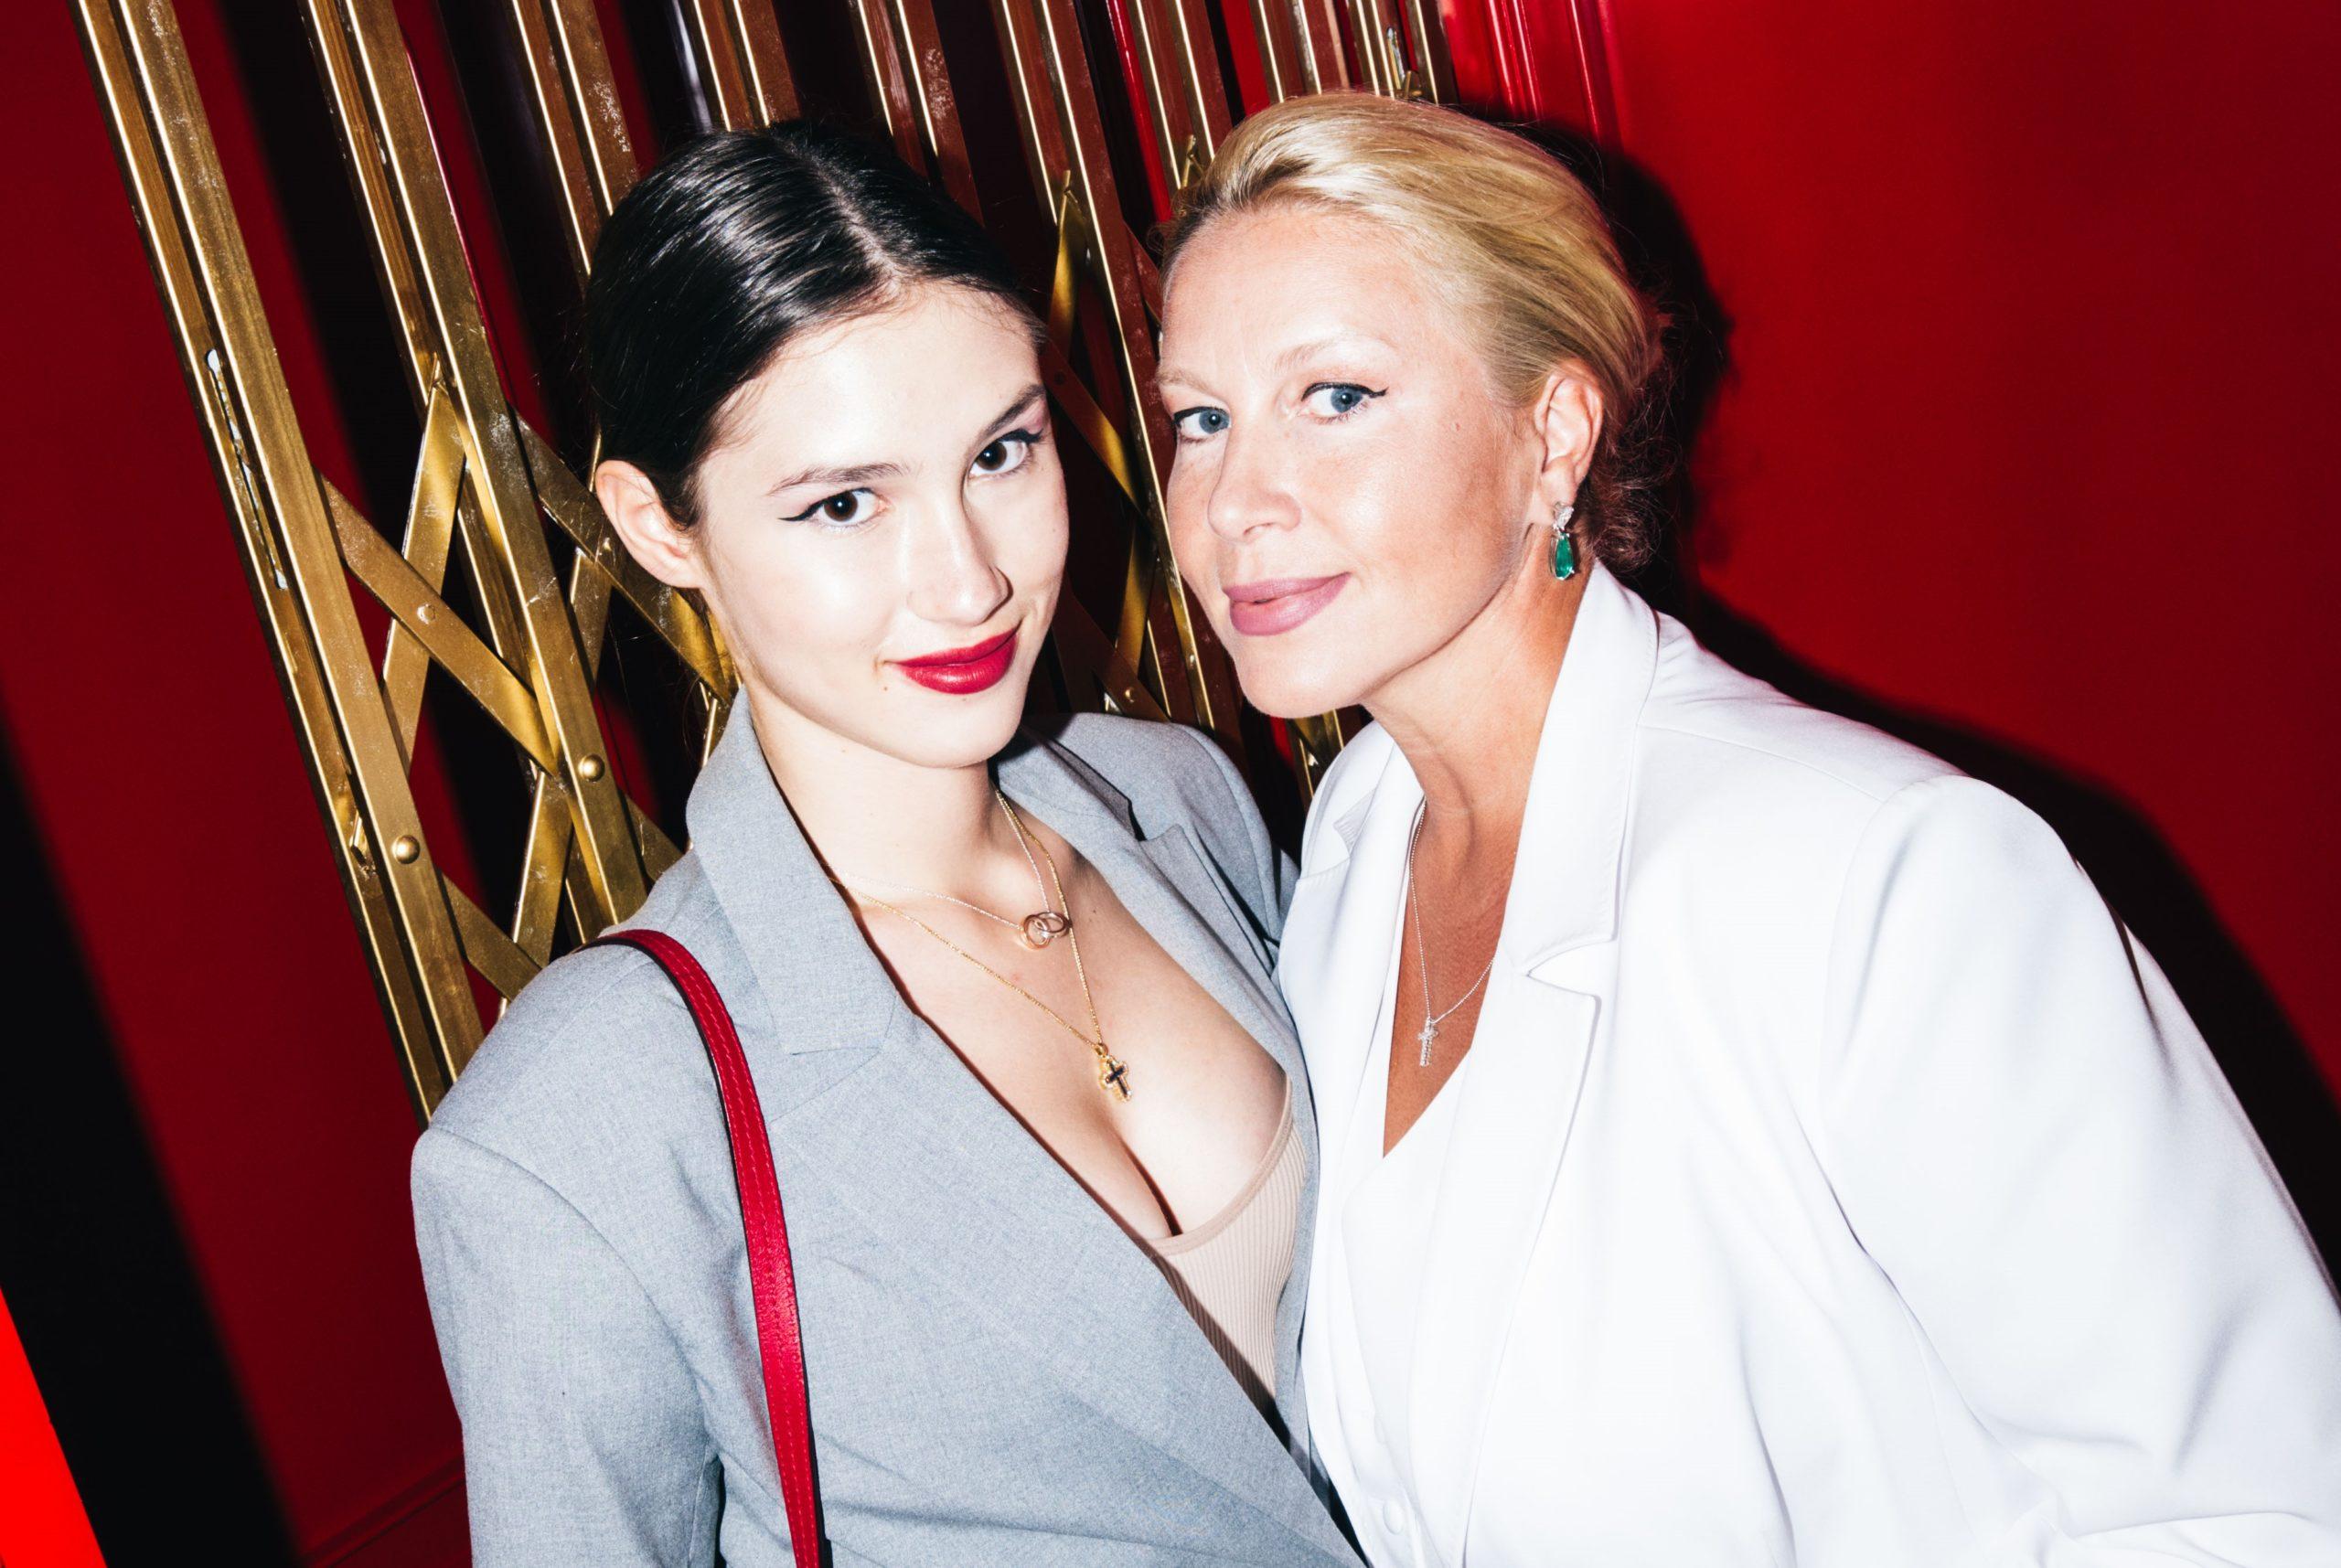 Екатерина Одинцова, Дина Немцова и Анна Чурина на вечеринке «Взрослые танцы»